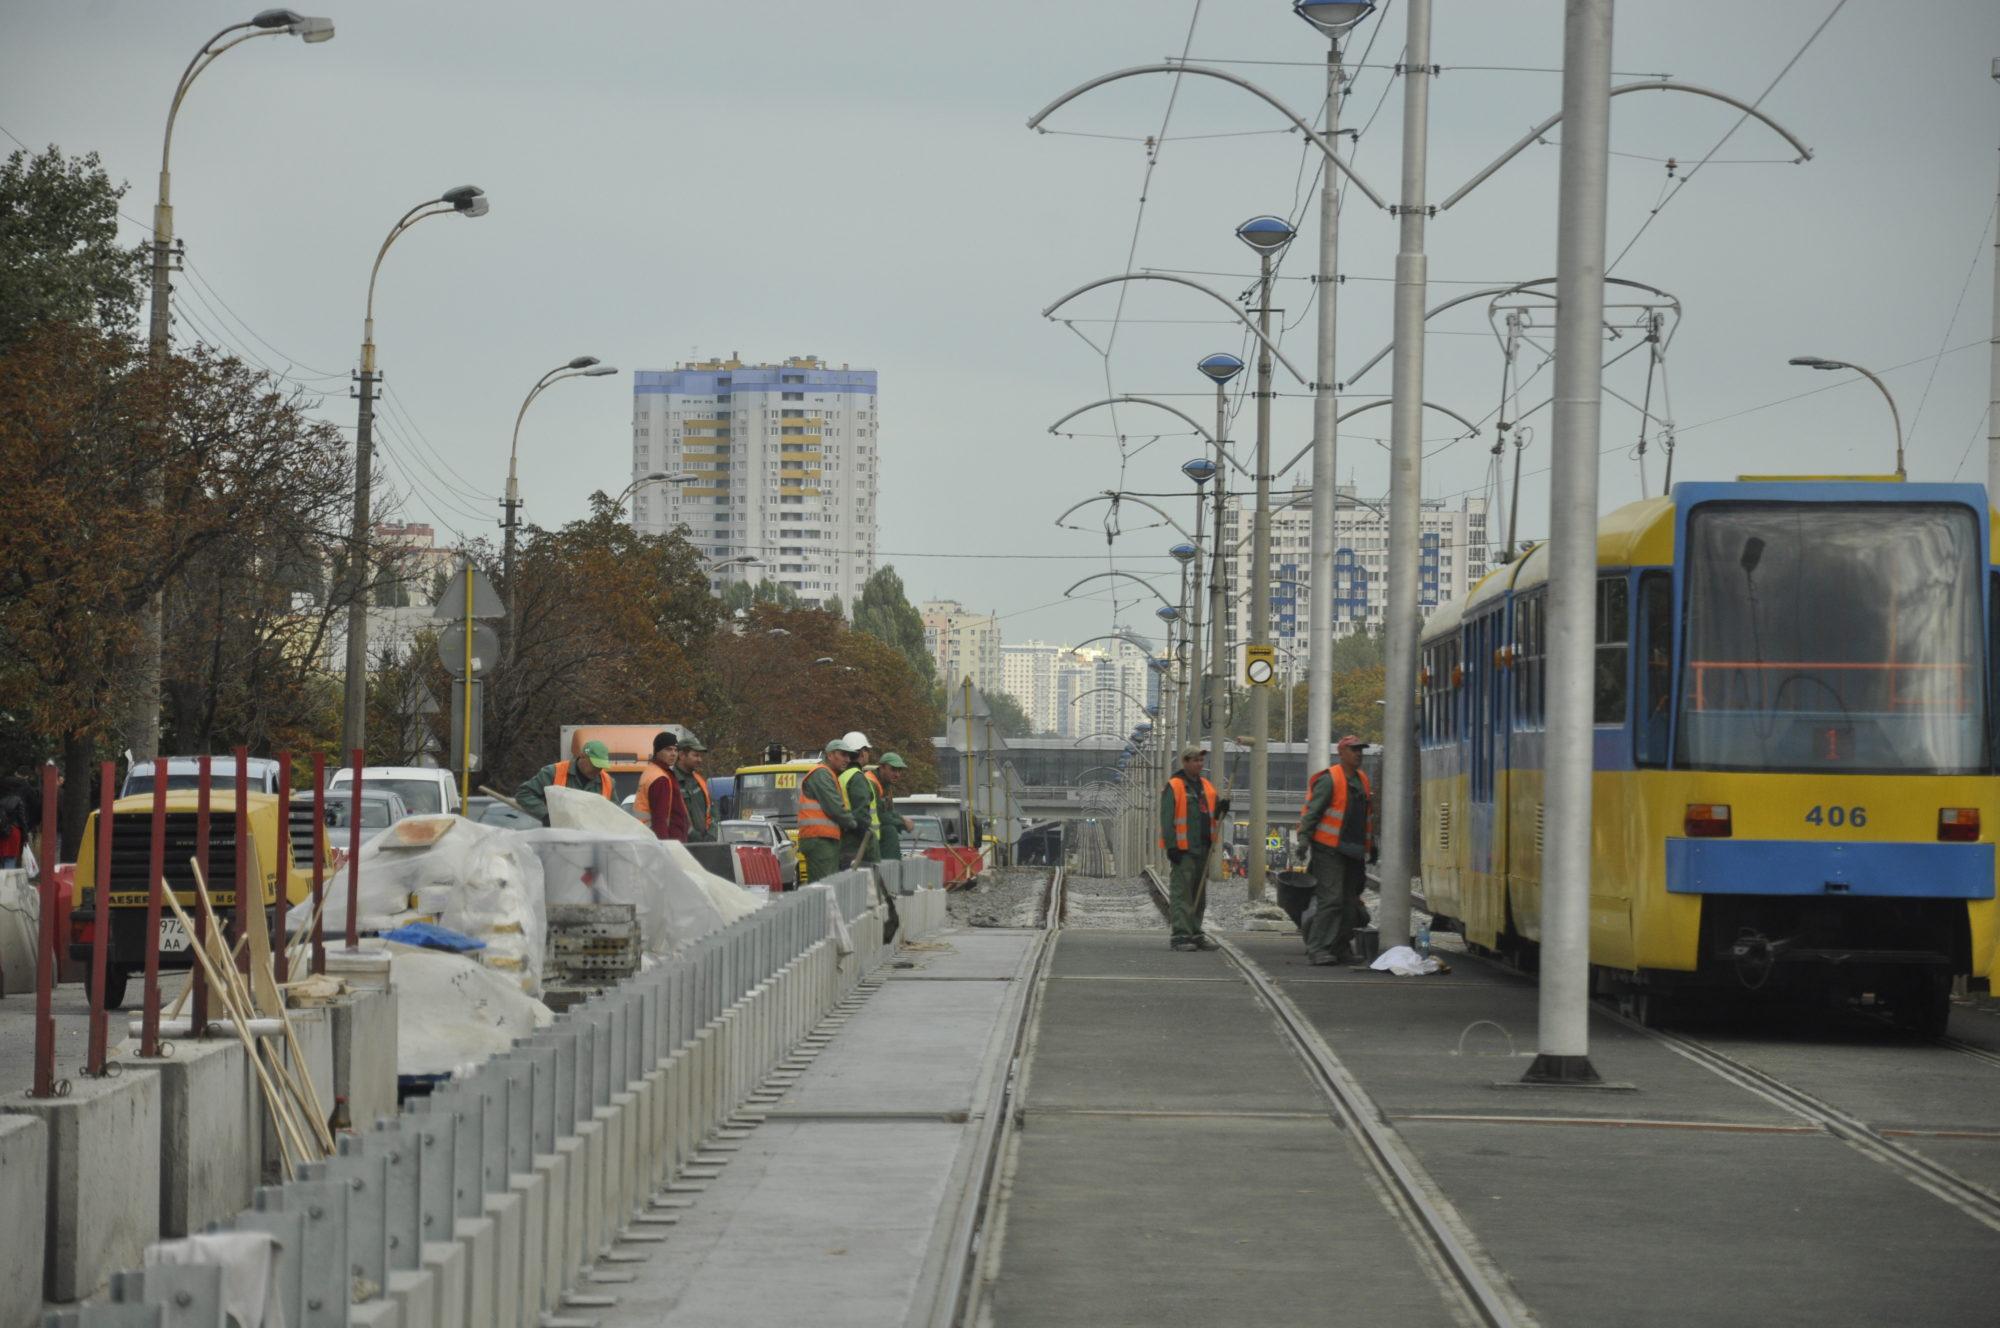 Що не так з відремонтованим трамваєм на Борщагівці - трамвайні колії, трамвай, ремонтні роботи, КП «Київпастранс», Борщагівка - 5d9327c1ebc1b 2000x1328